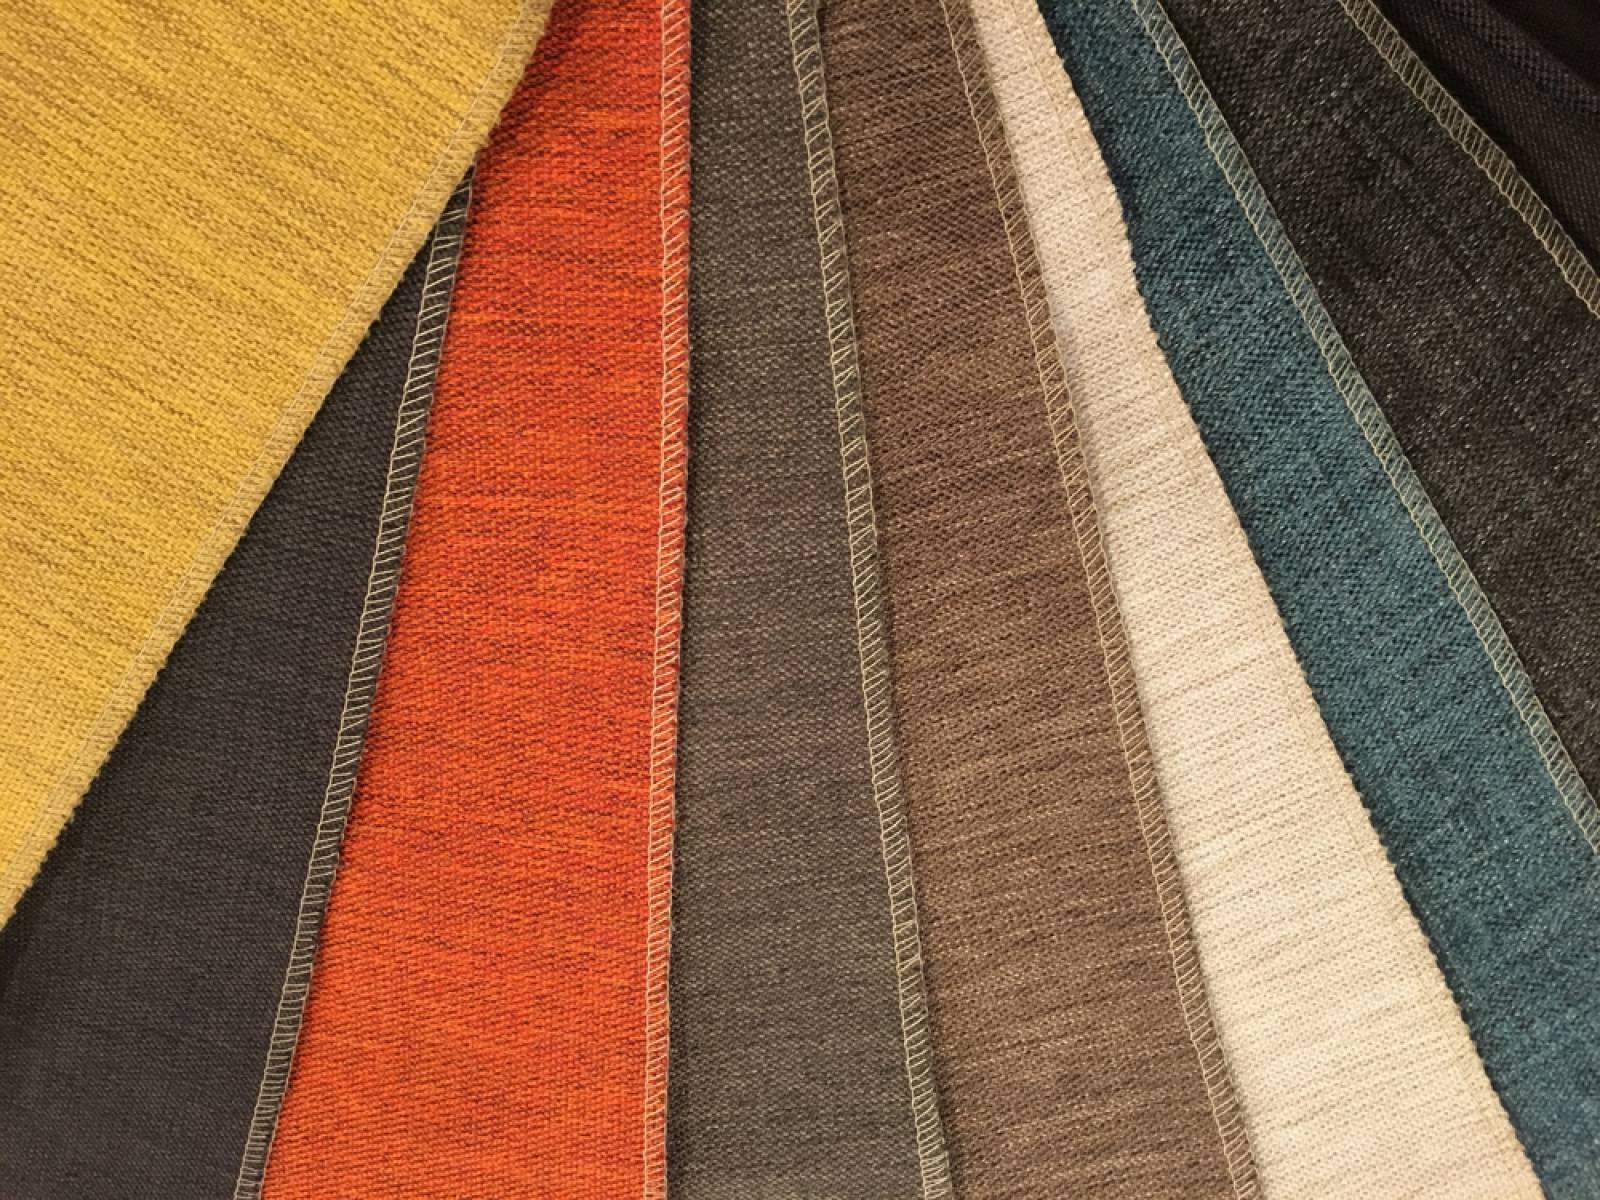 G Plan Vintage Fabric per metre